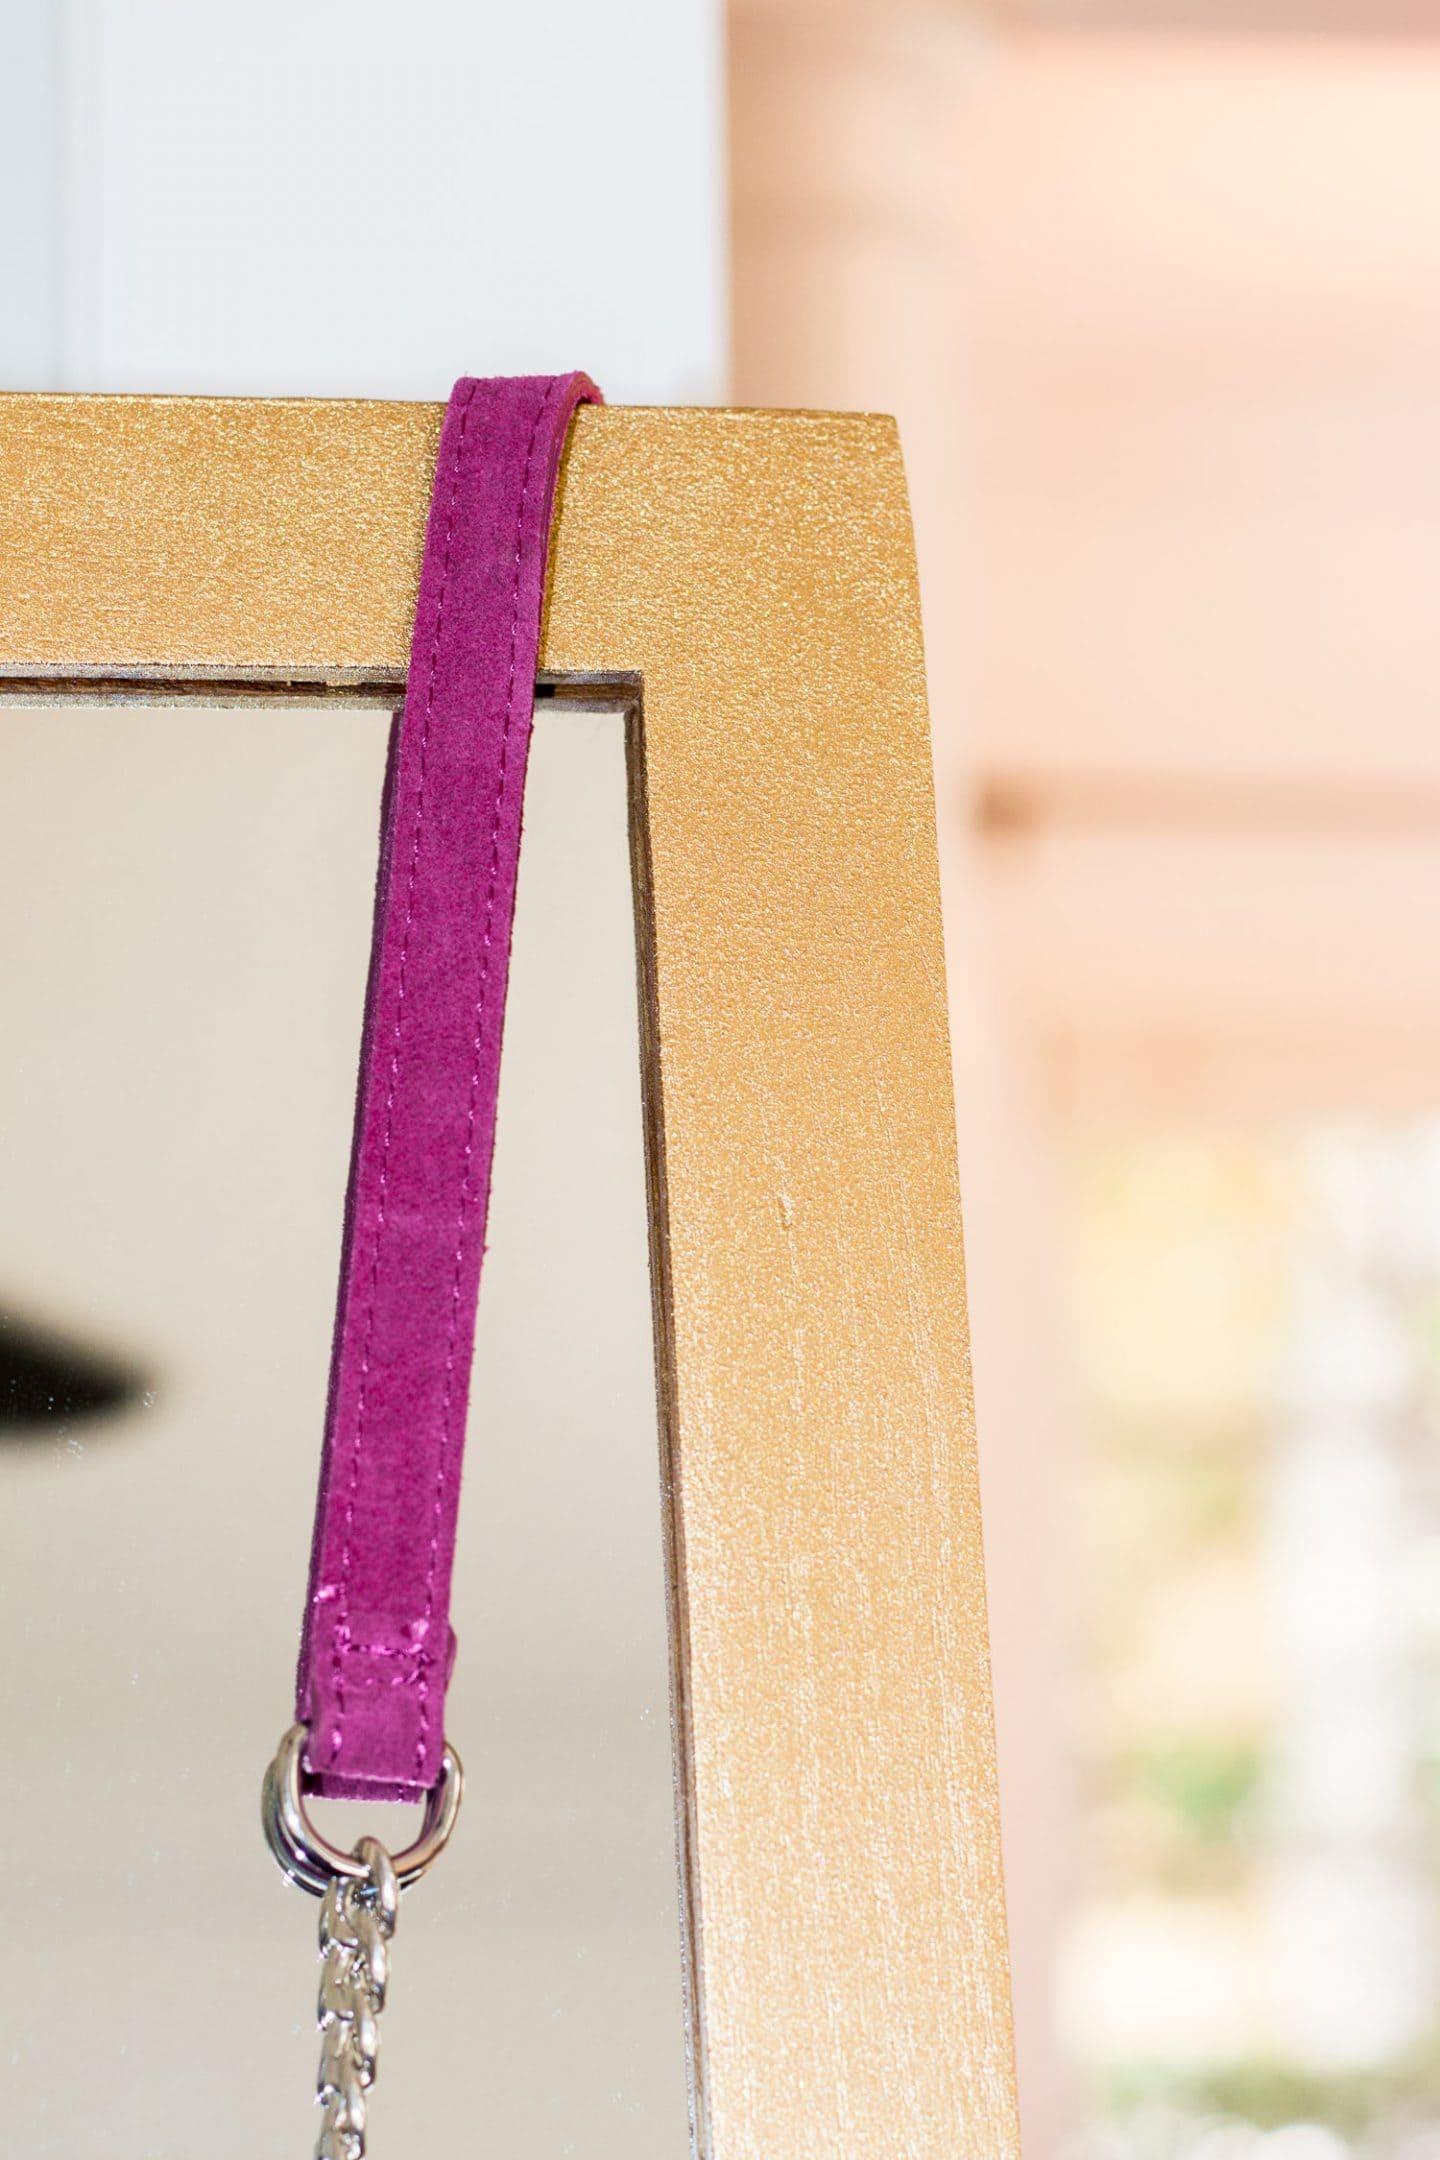 diy mirror gold paint devine color valspar home office tour ashley brooke nicholas